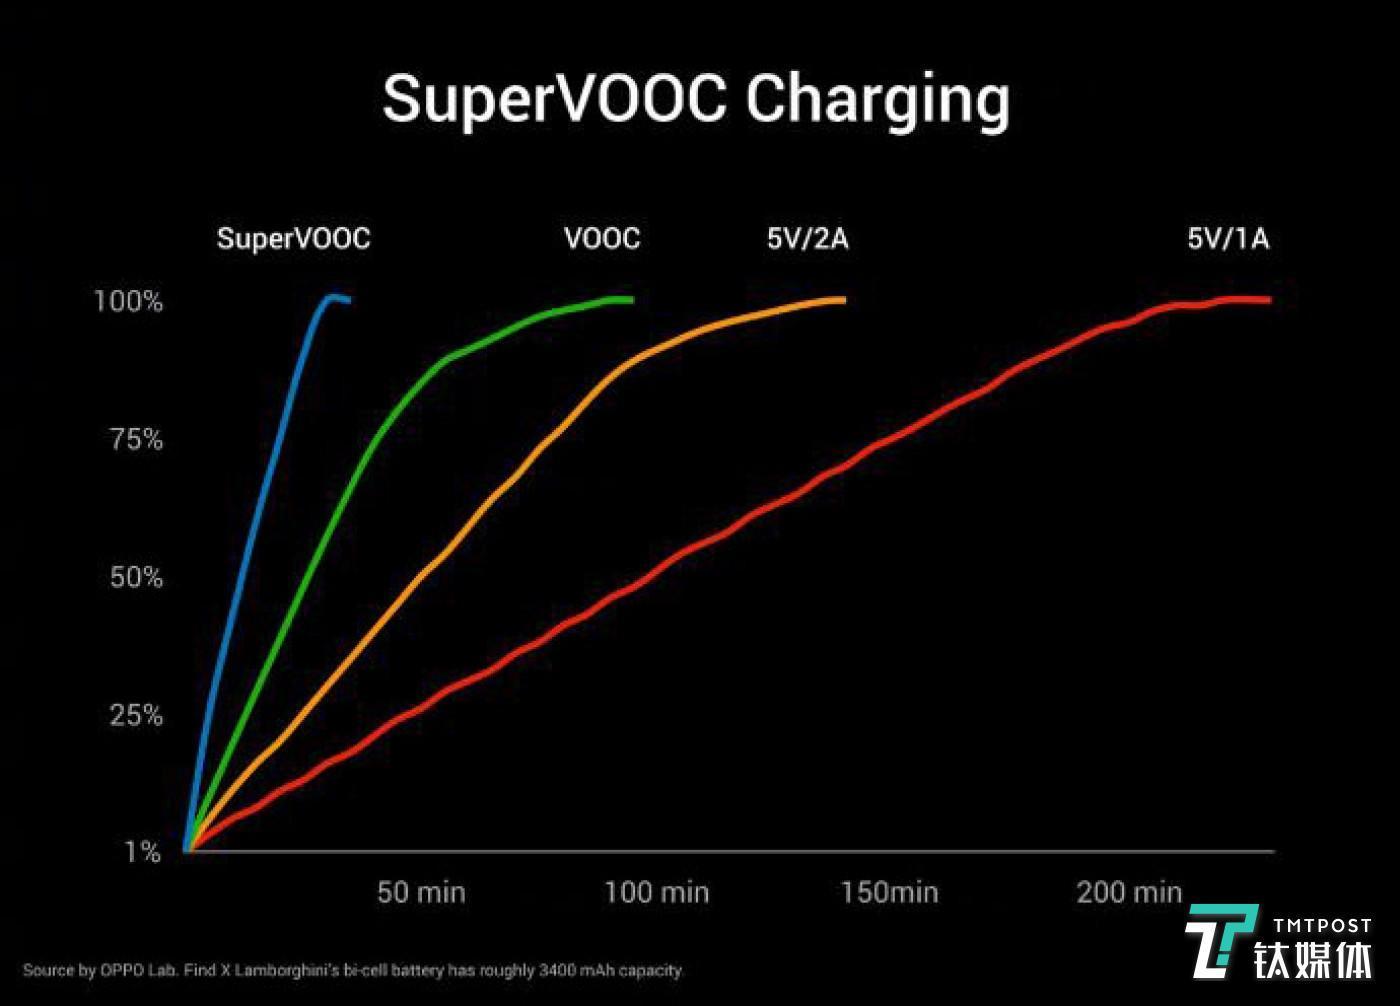 超级闪充技术充电更快